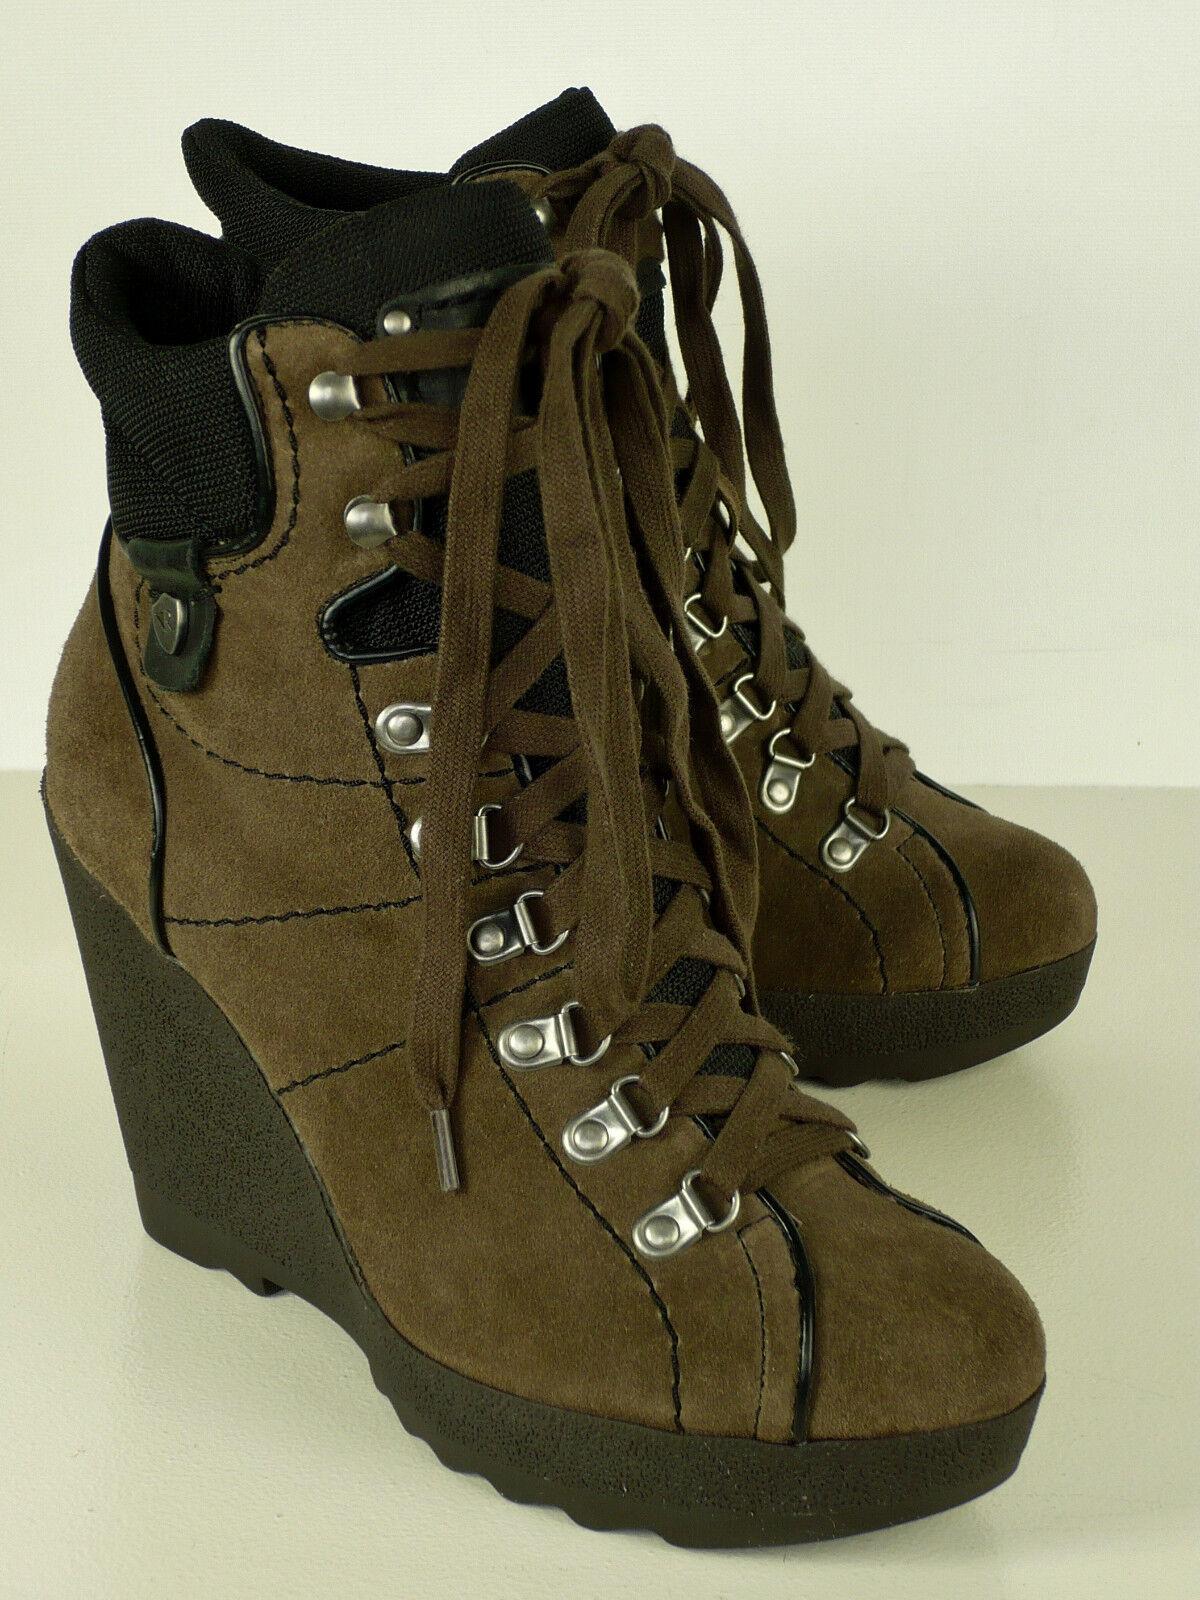 REPLAY Stiefelette Hiking style NEU  ECHTLEDER braun ECHTLEDER  Gr 38 Wedges Schnürung boot a2813b